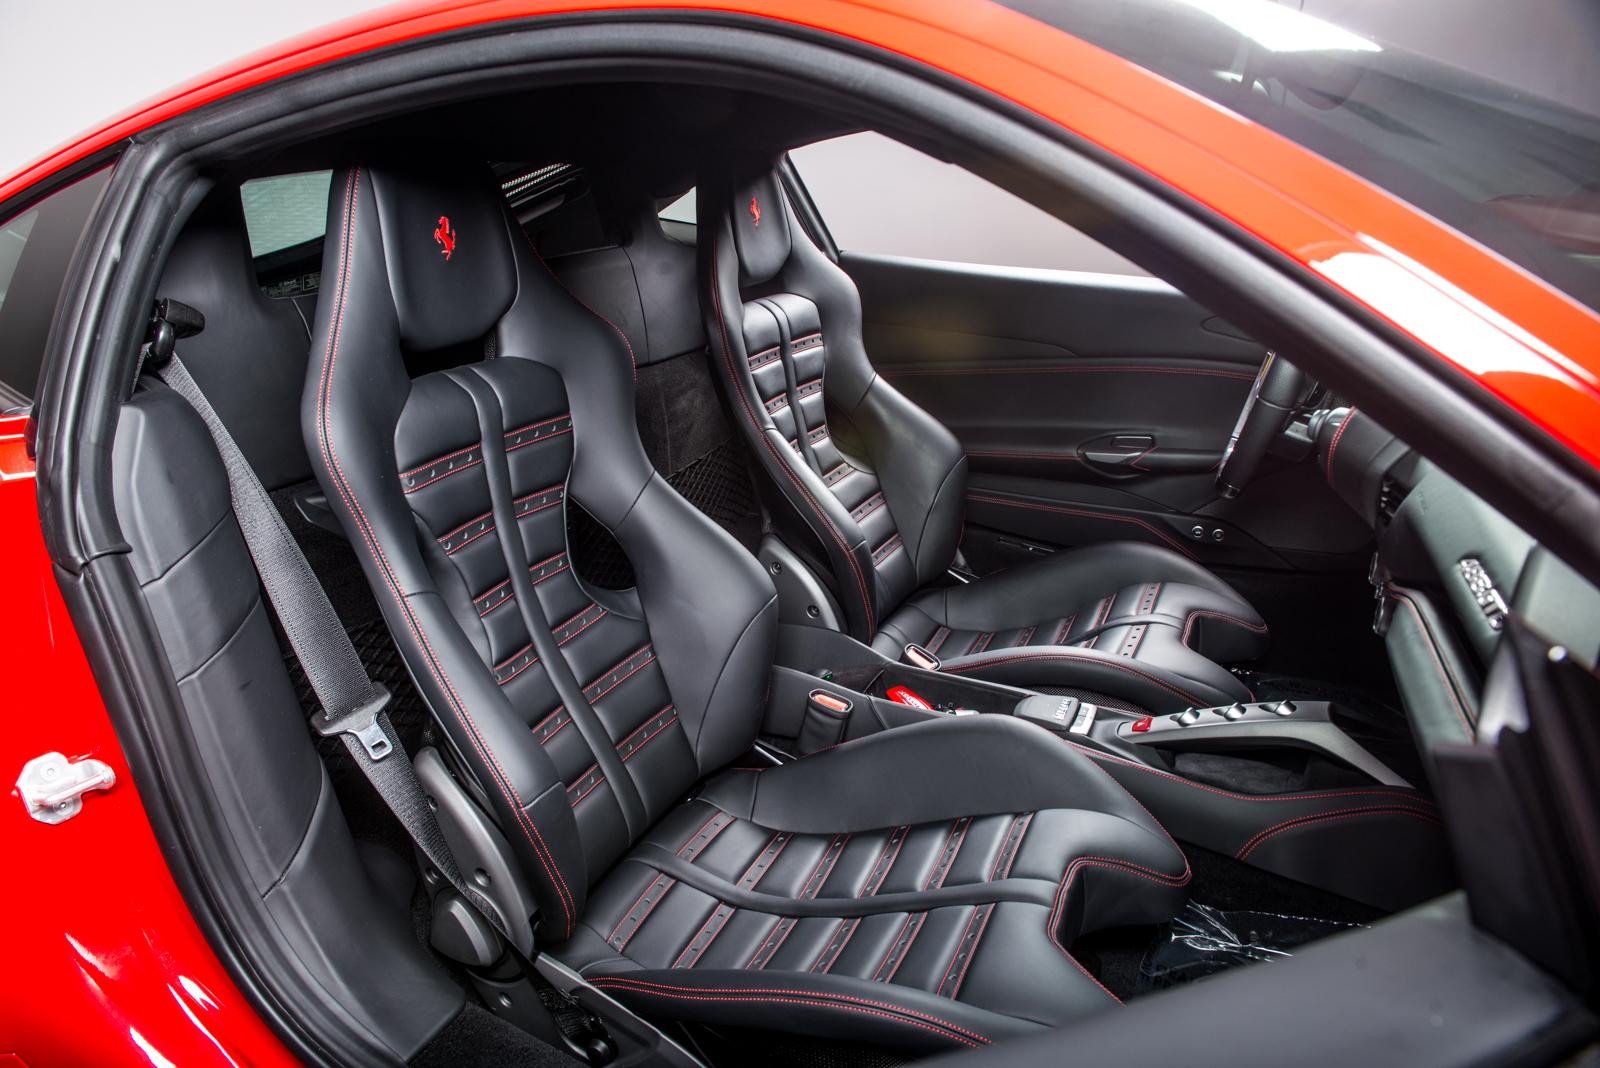 Ferrari 488 GTB Driving Experience in Las Vegas